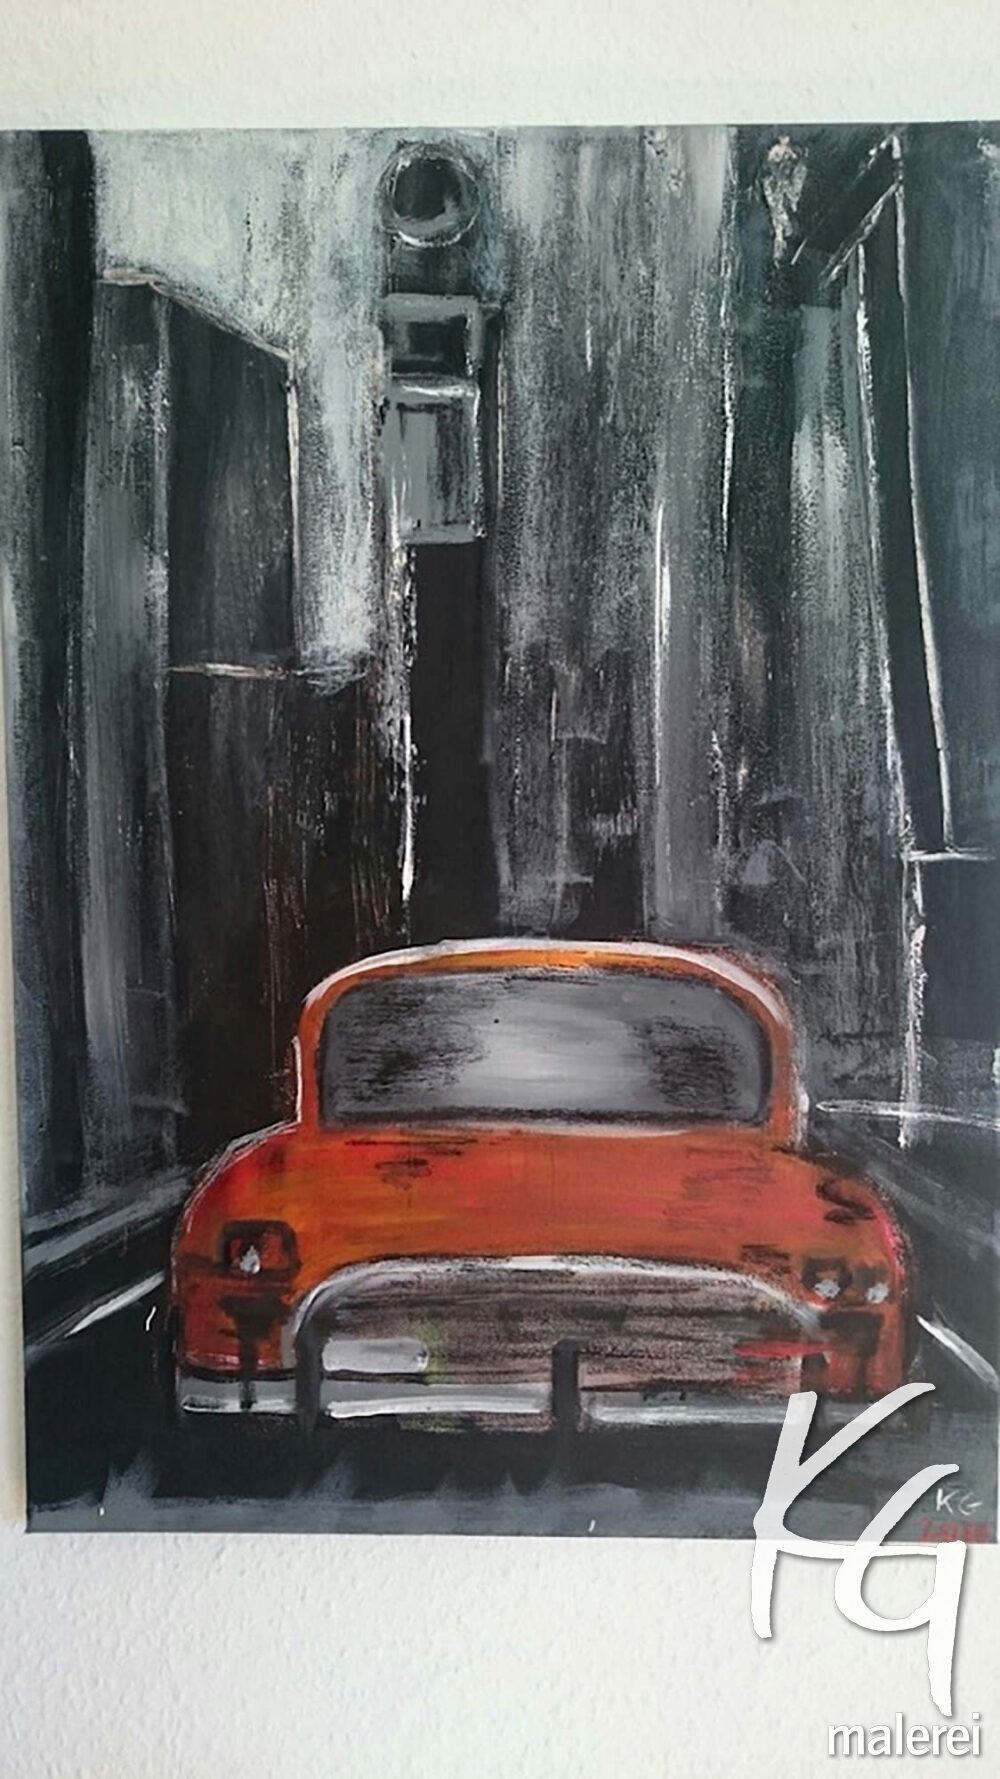 Das Gemälde New York Taxi zeigt ein orangerotes Taxi vor einer dunklen Hochhäuserschlucht mit hellem Mond am Nachthimmel